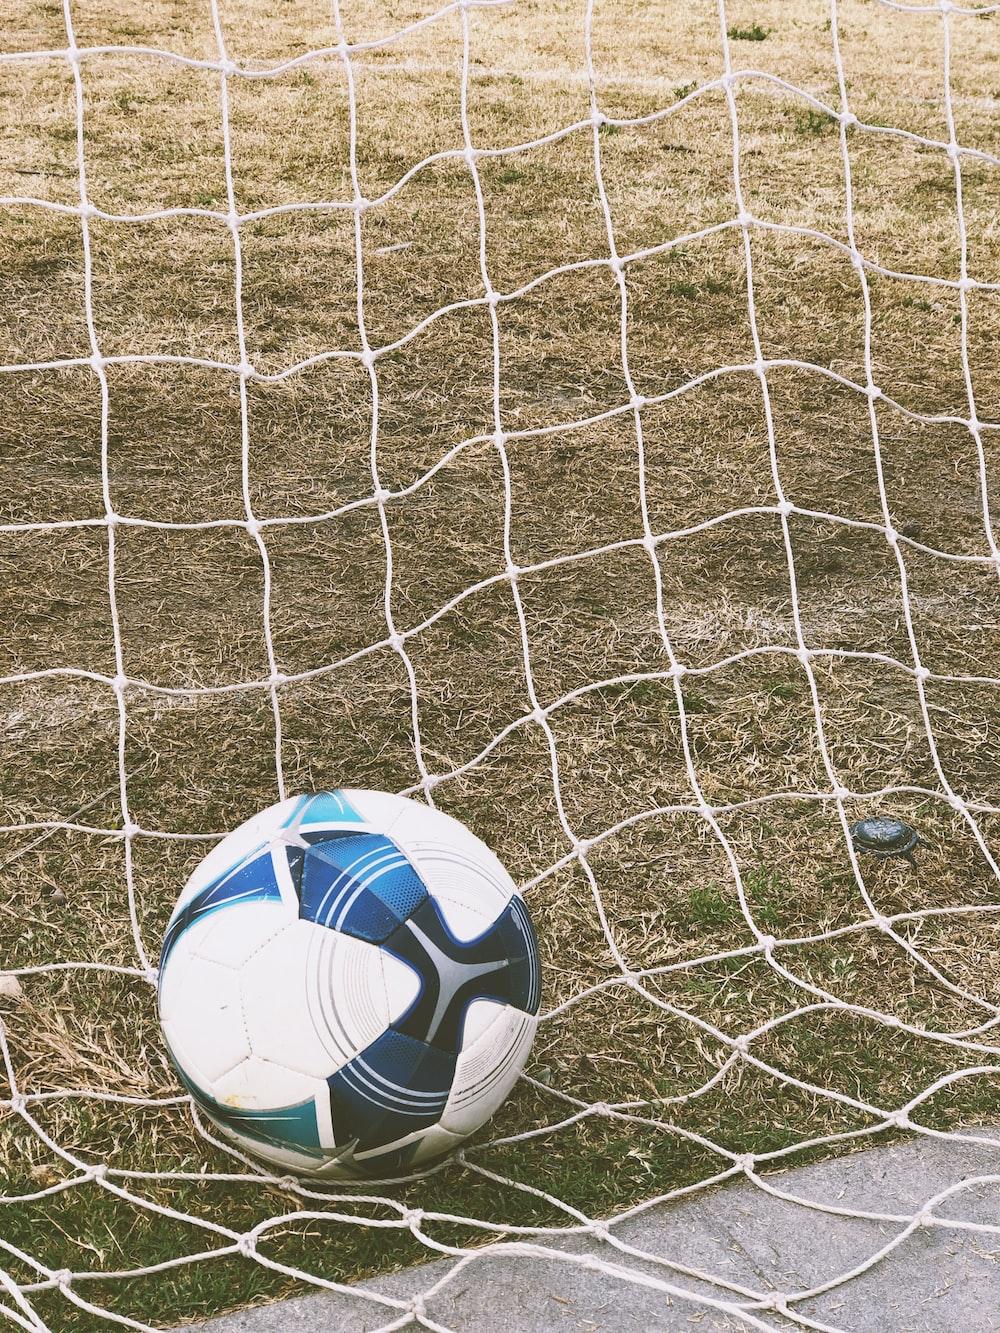 white and blue soccer ball on ground inside goal